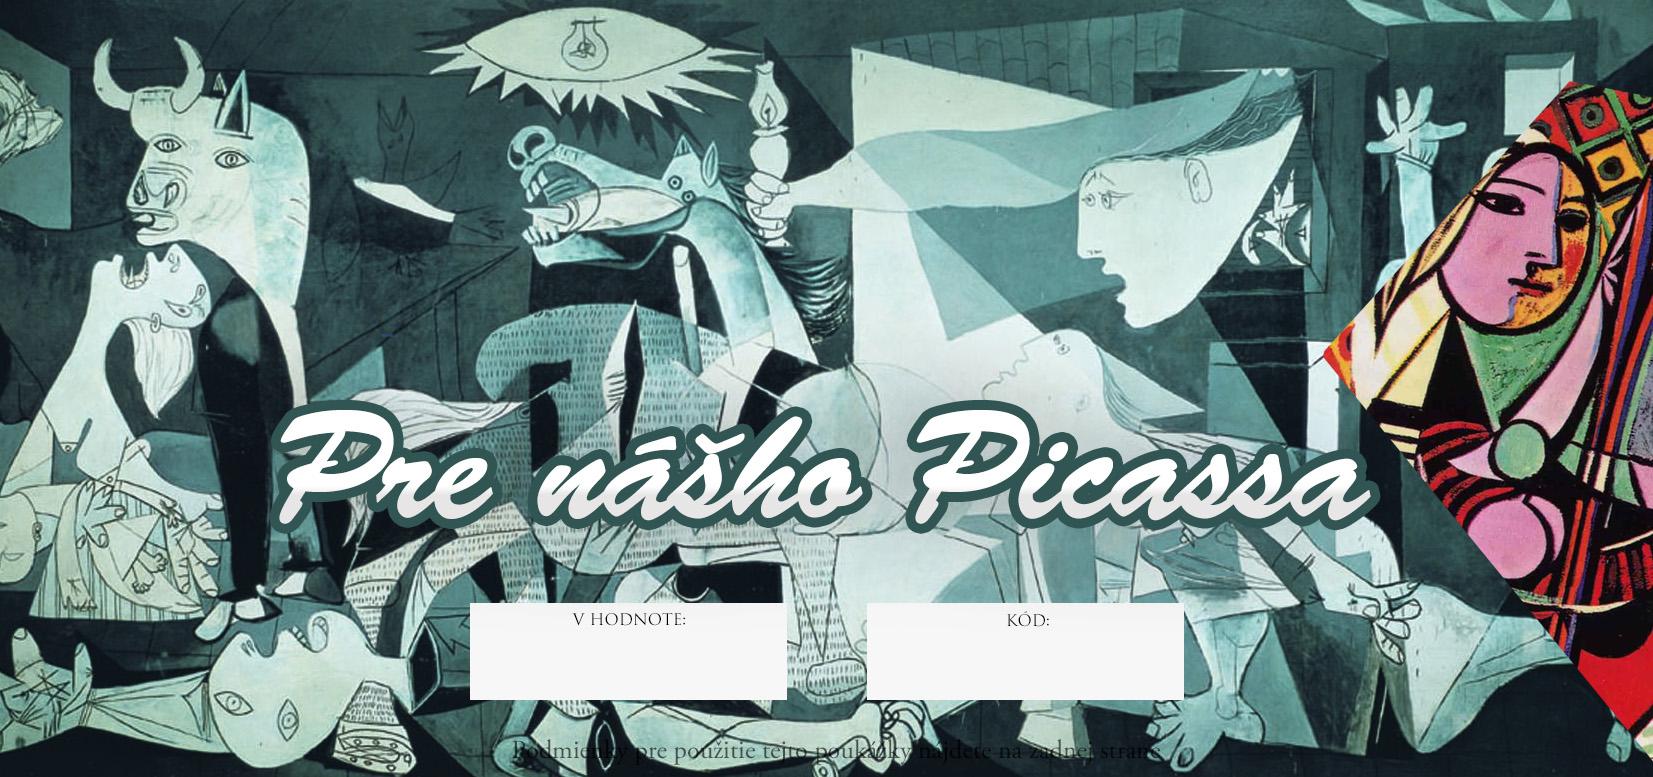 Darčekový POUKAZ - Pre nášho Picassa (umelecké potreby)